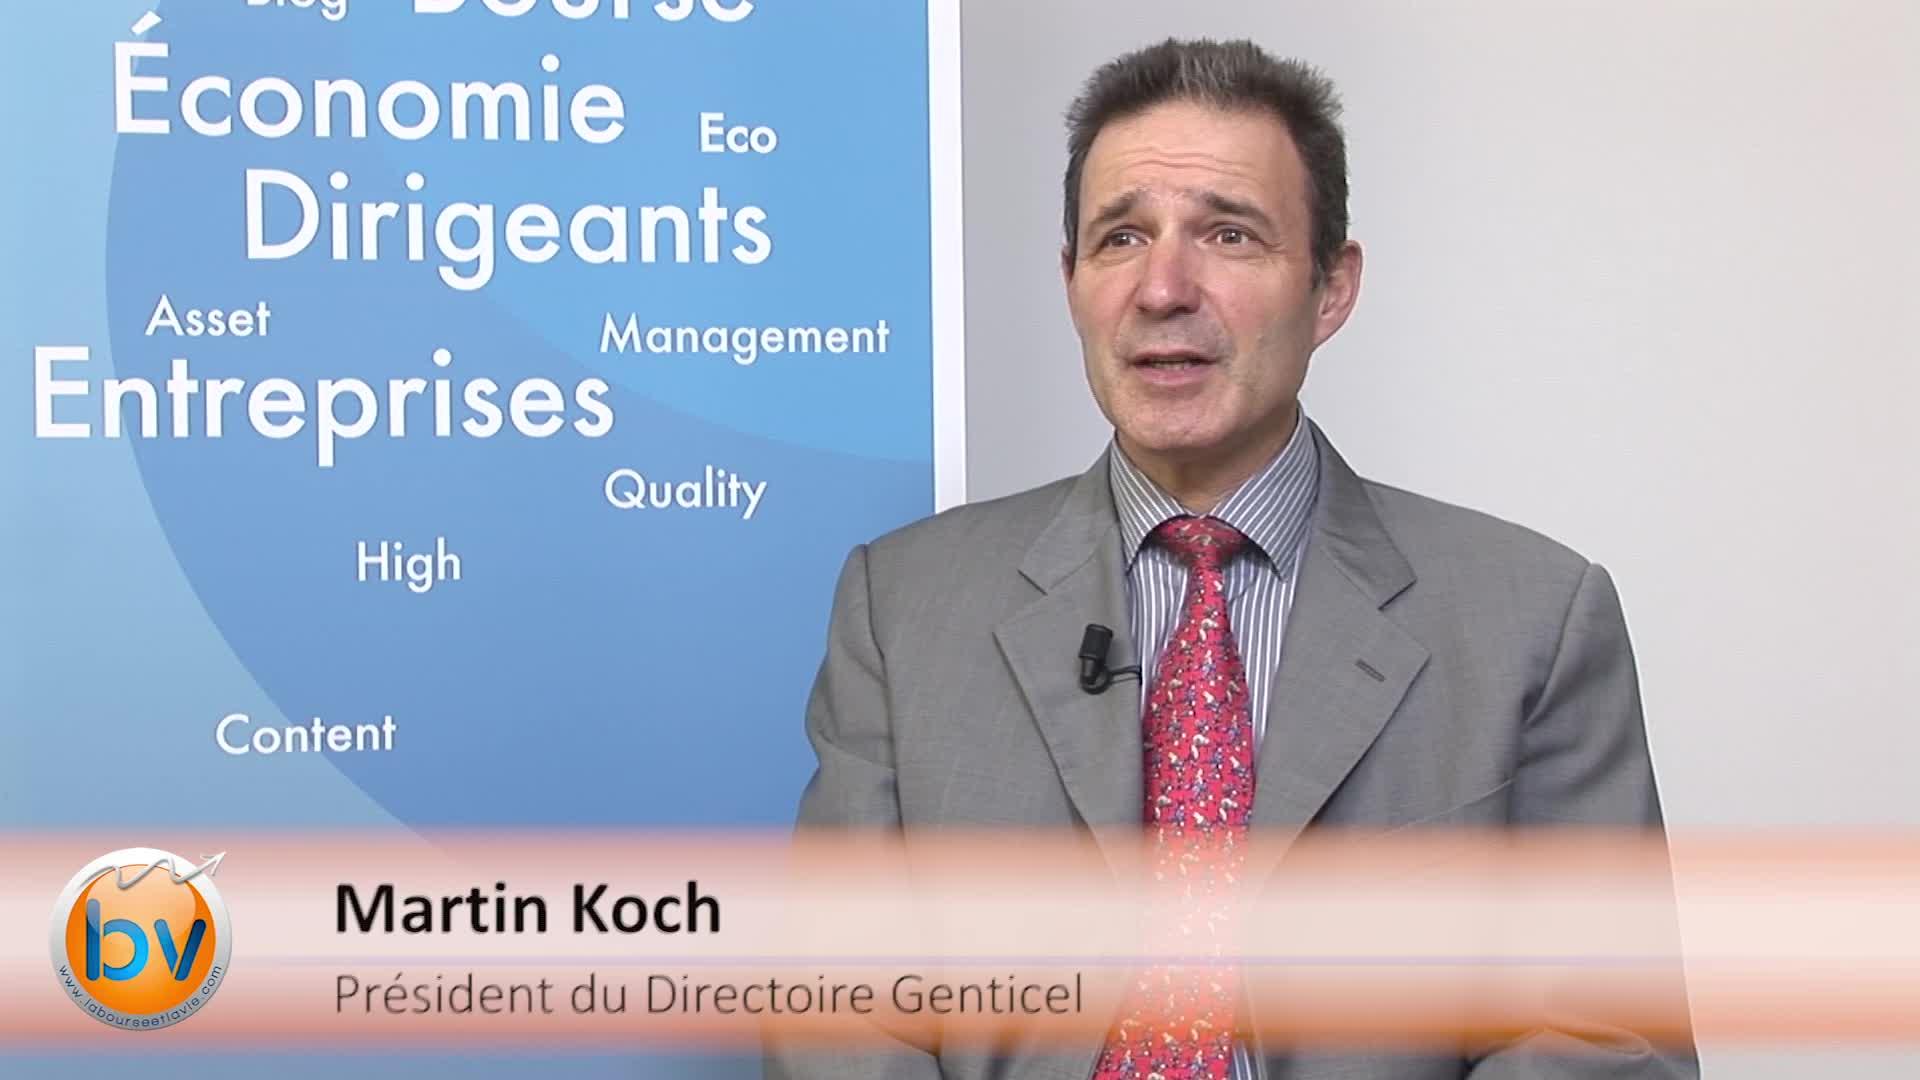 """Martin Koch Président du Directoire Genticel : """"Nous sommes sereins pour financer l'ensemble du plan présenté à l'IPO"""""""